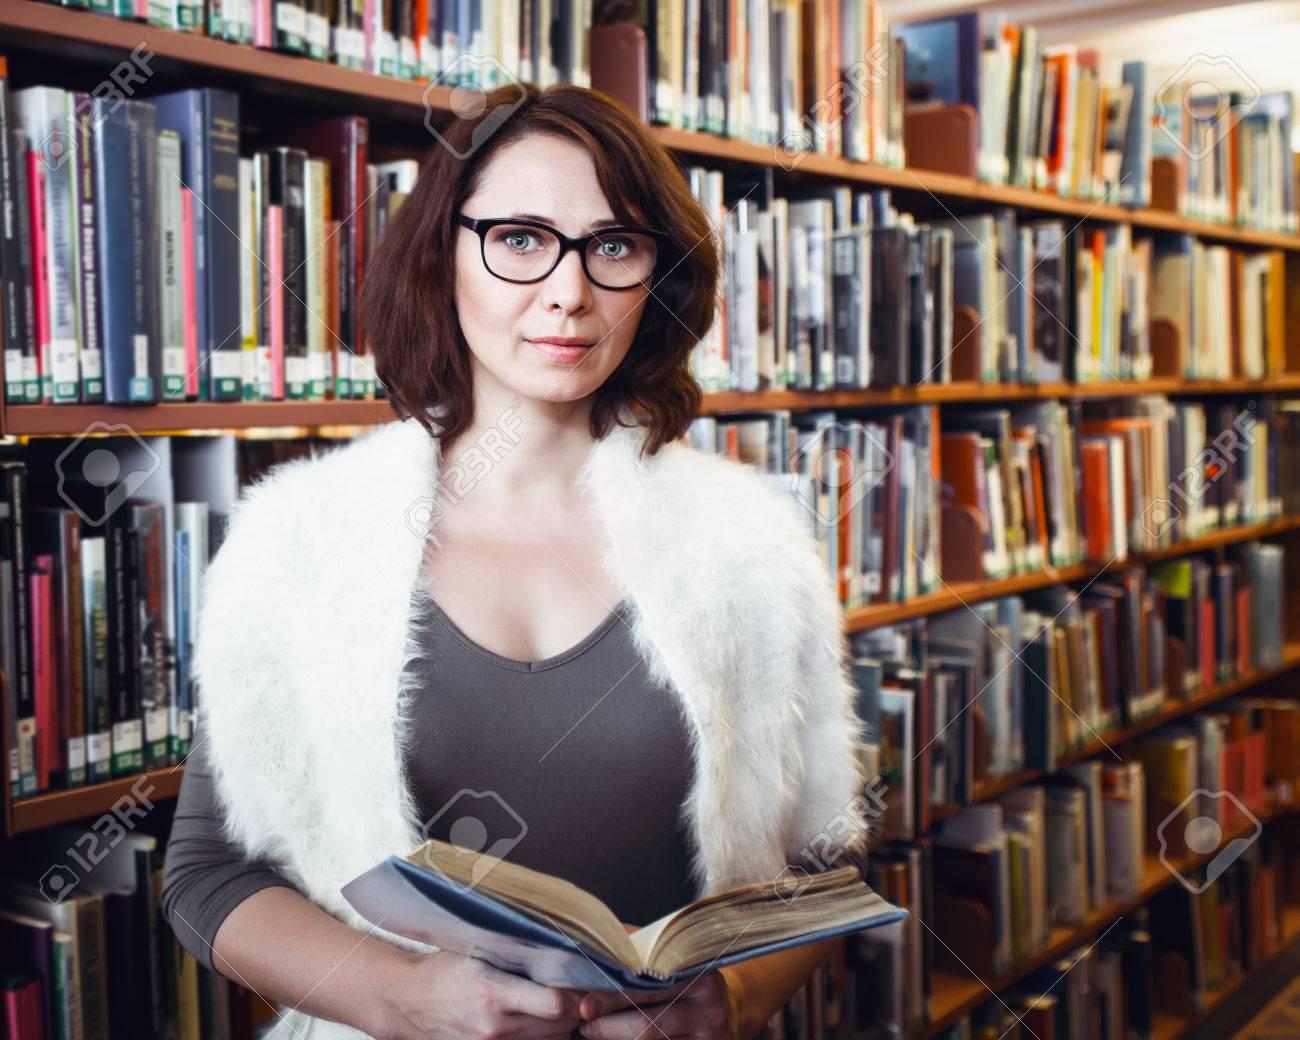 Archivio Fotografico - Ritratto di mezza età matura bruna studente donna  caucasica con gli occhiali in libro partecipazione biblioteca b5d36a1f2e6f